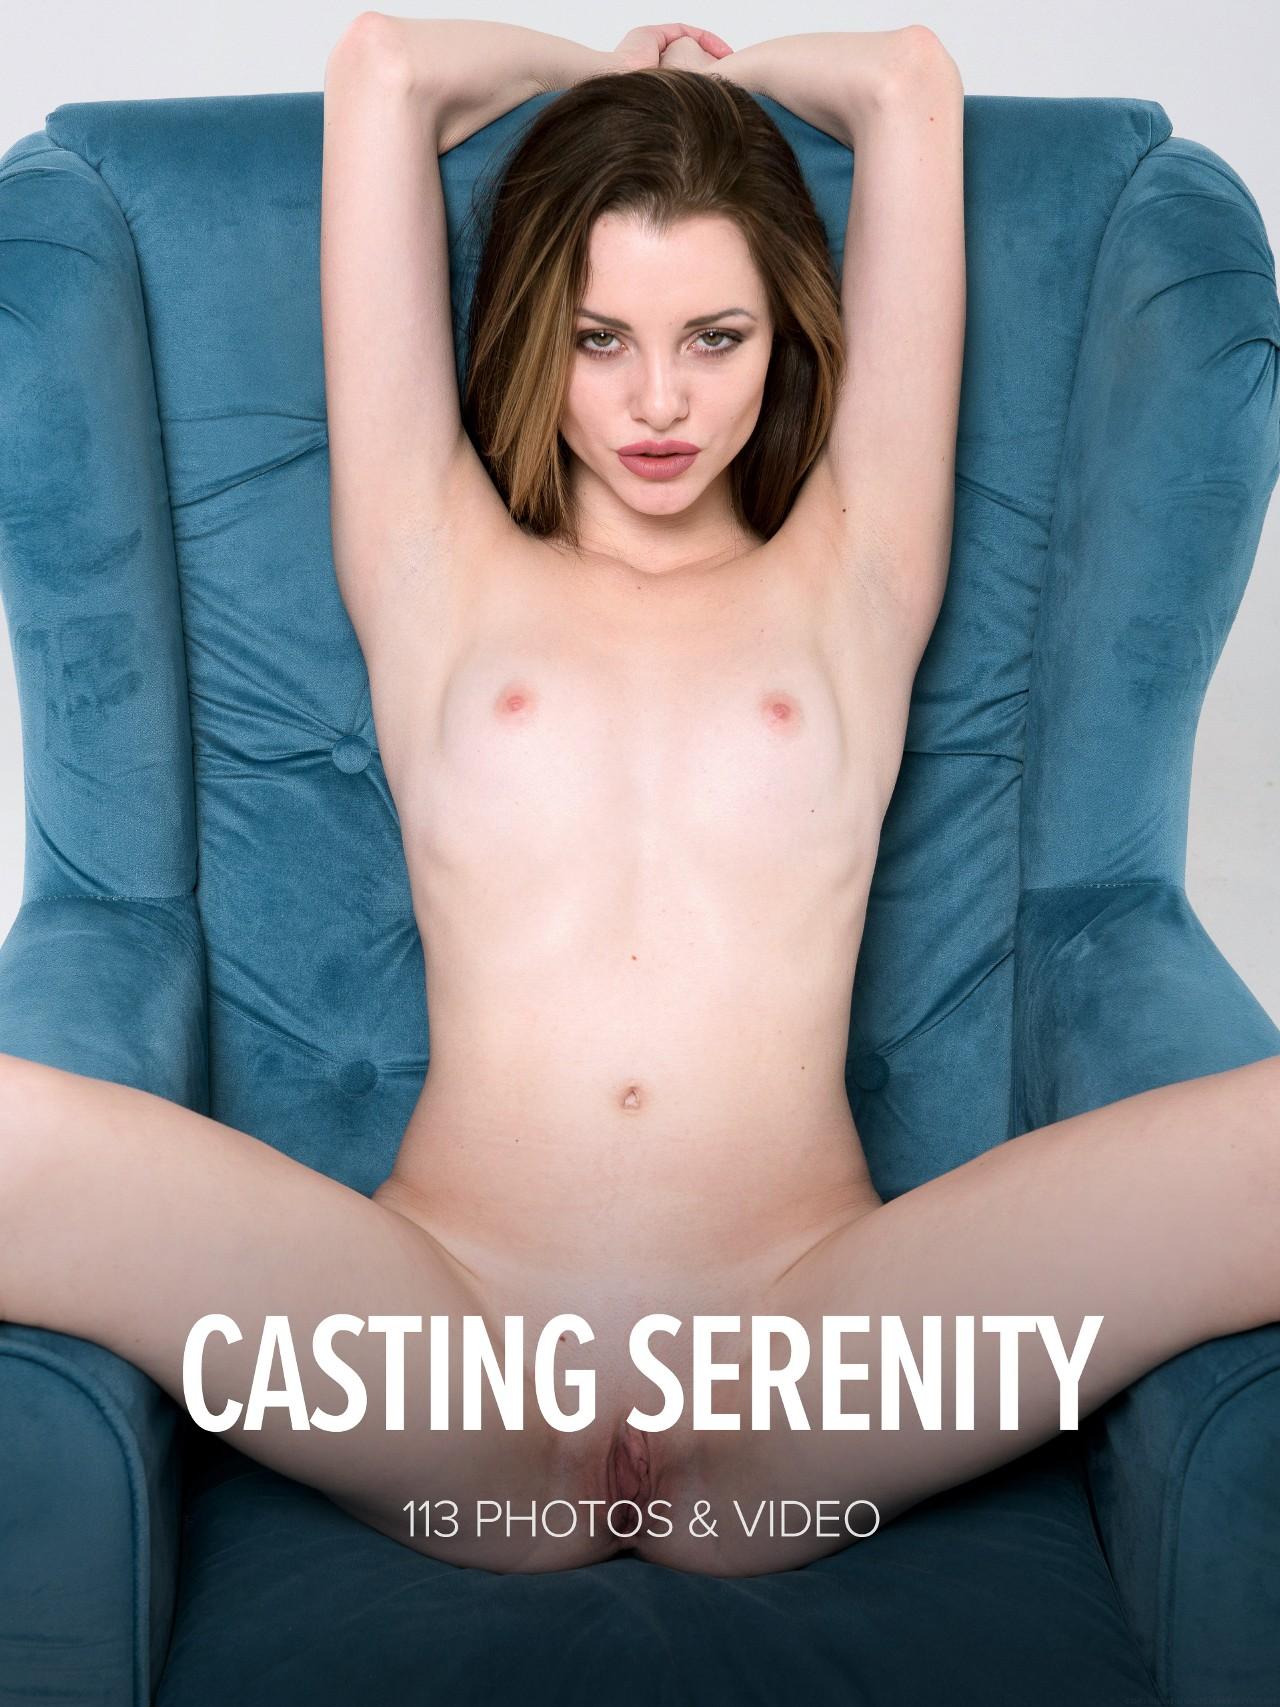 Serenity: CASTING Serenity